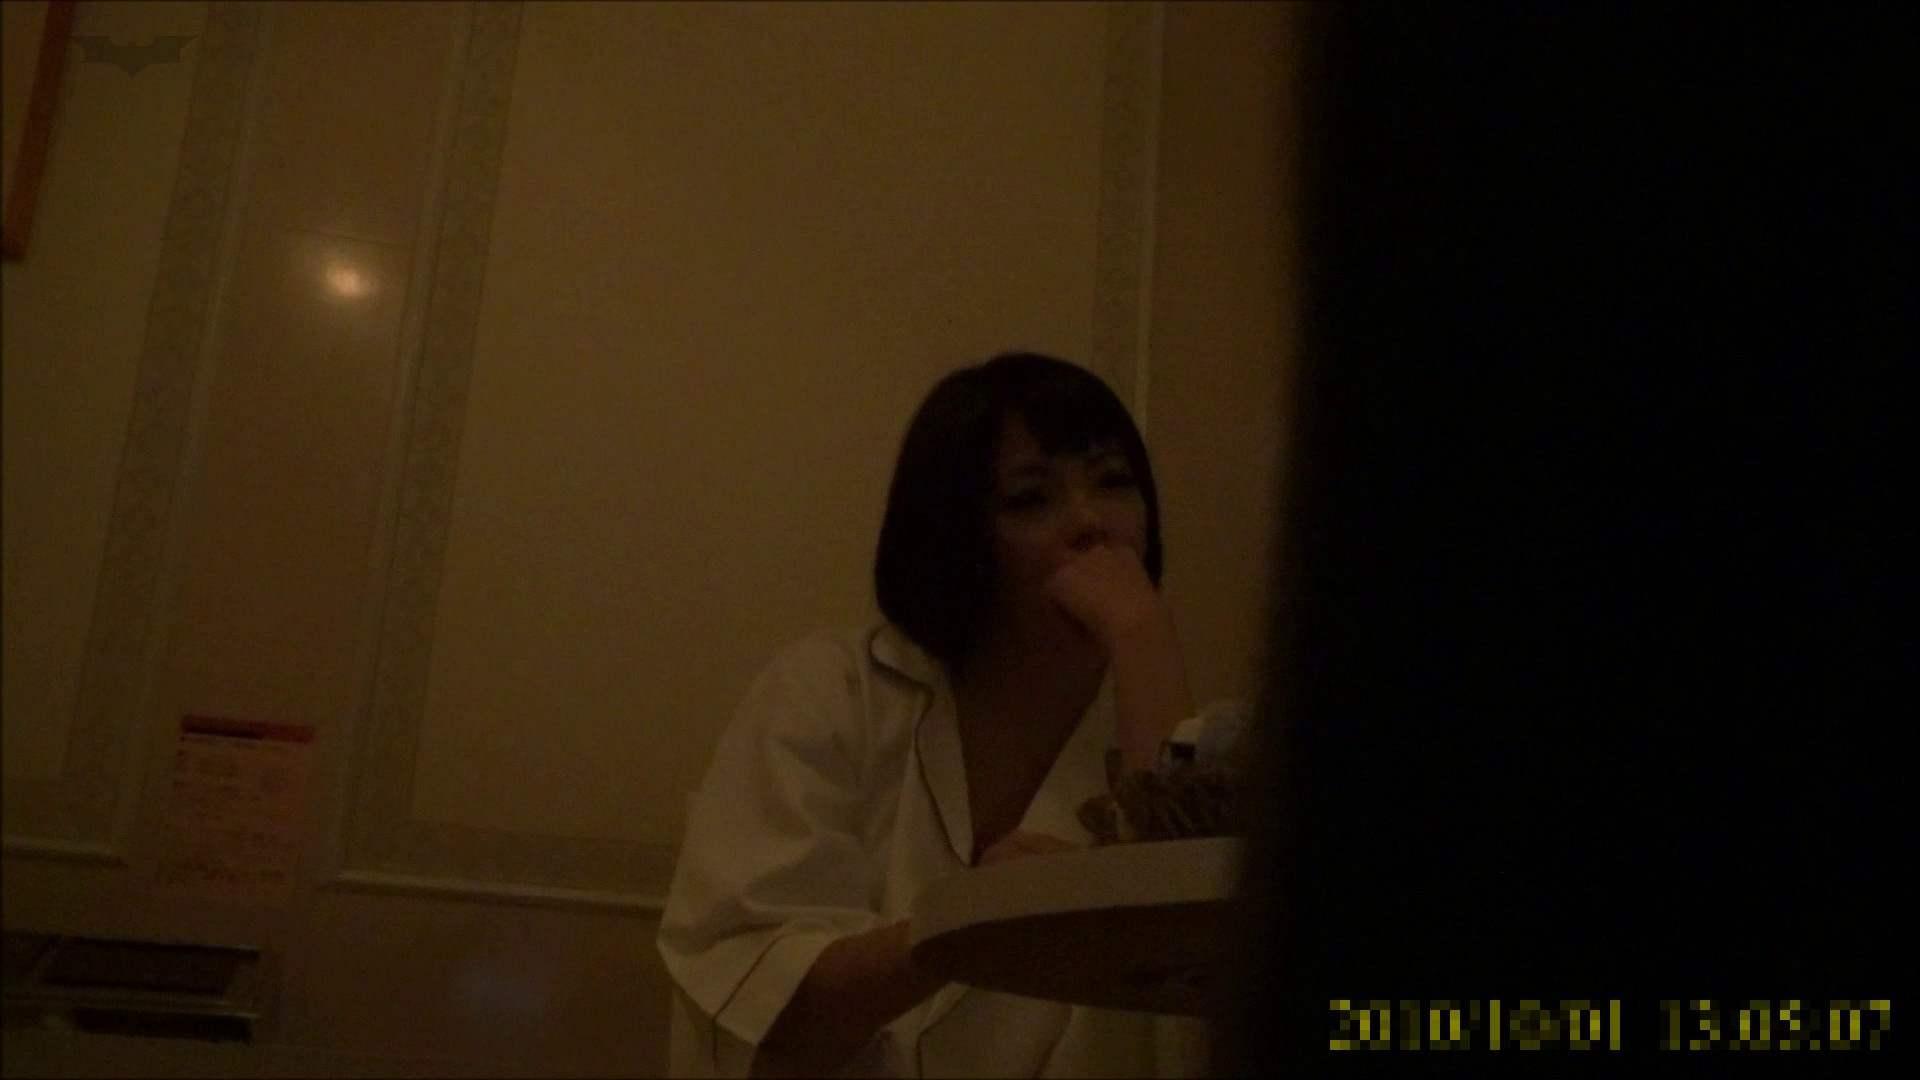 【未公開】vol.96 {茶髪→黒髪ギャル}美巨乳アミちゃん③【前編】 OLハメ撮り  83Pix 20